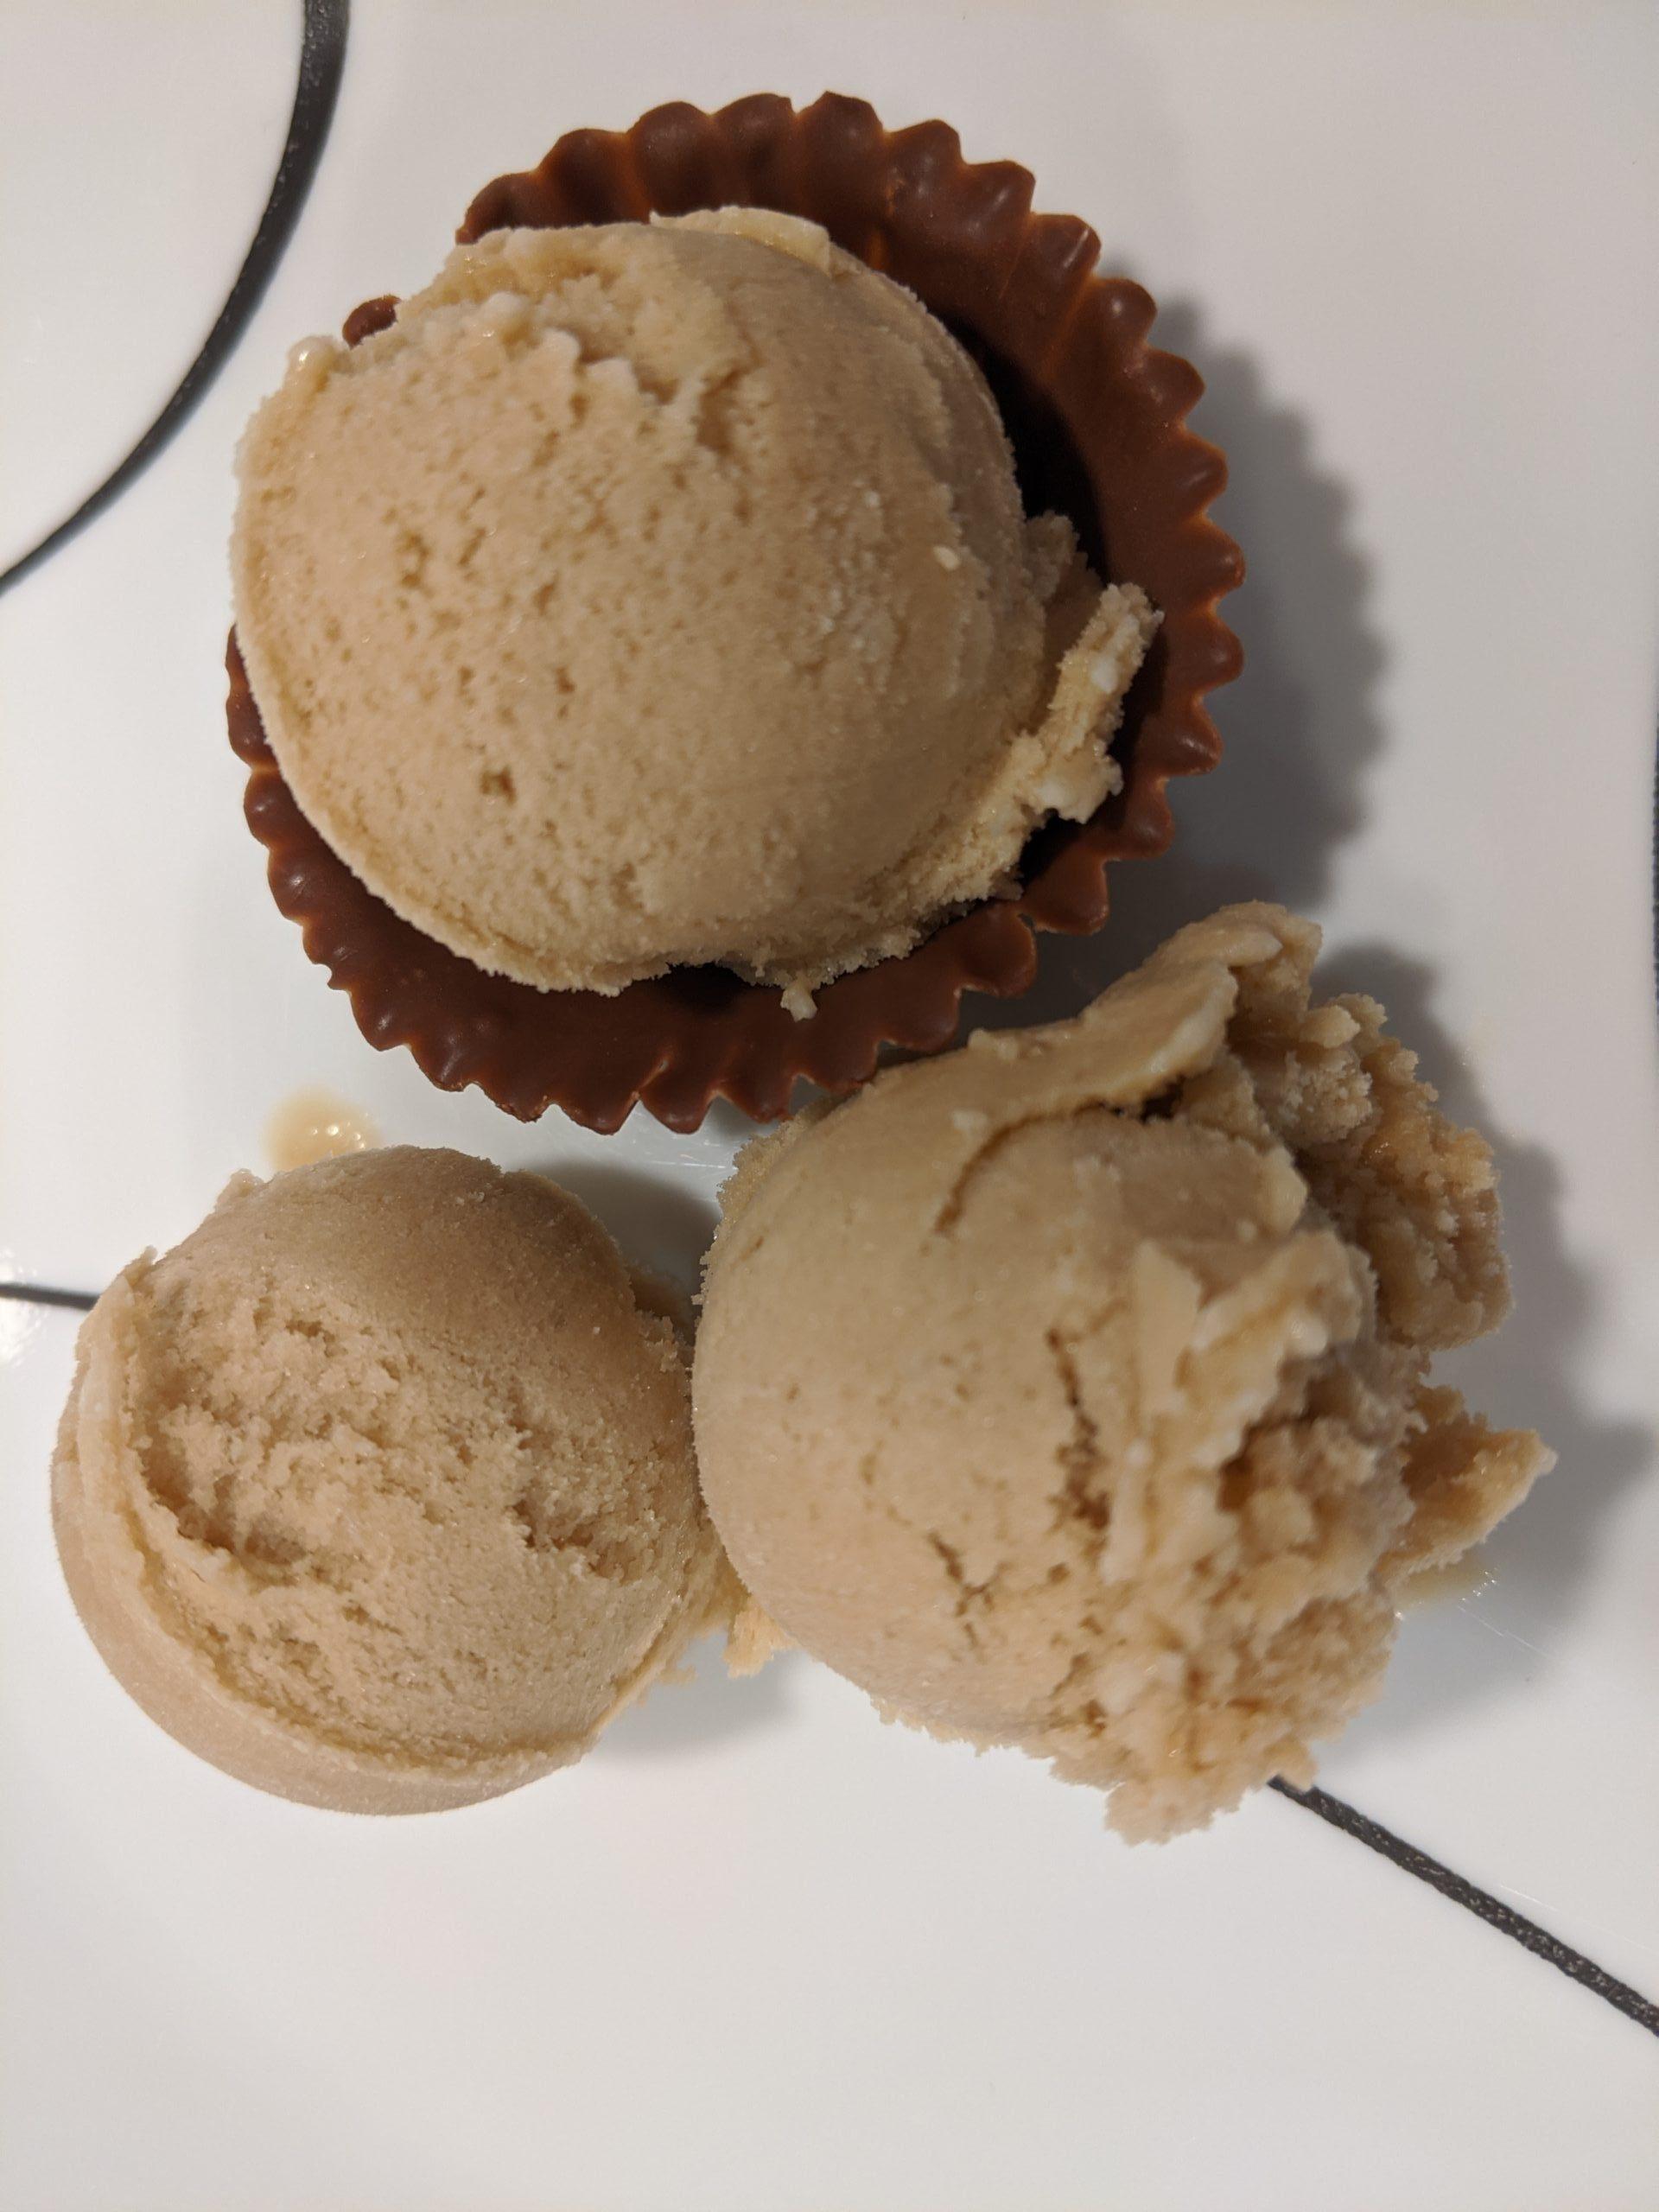 vegan espresso ice cream in chocolate cup